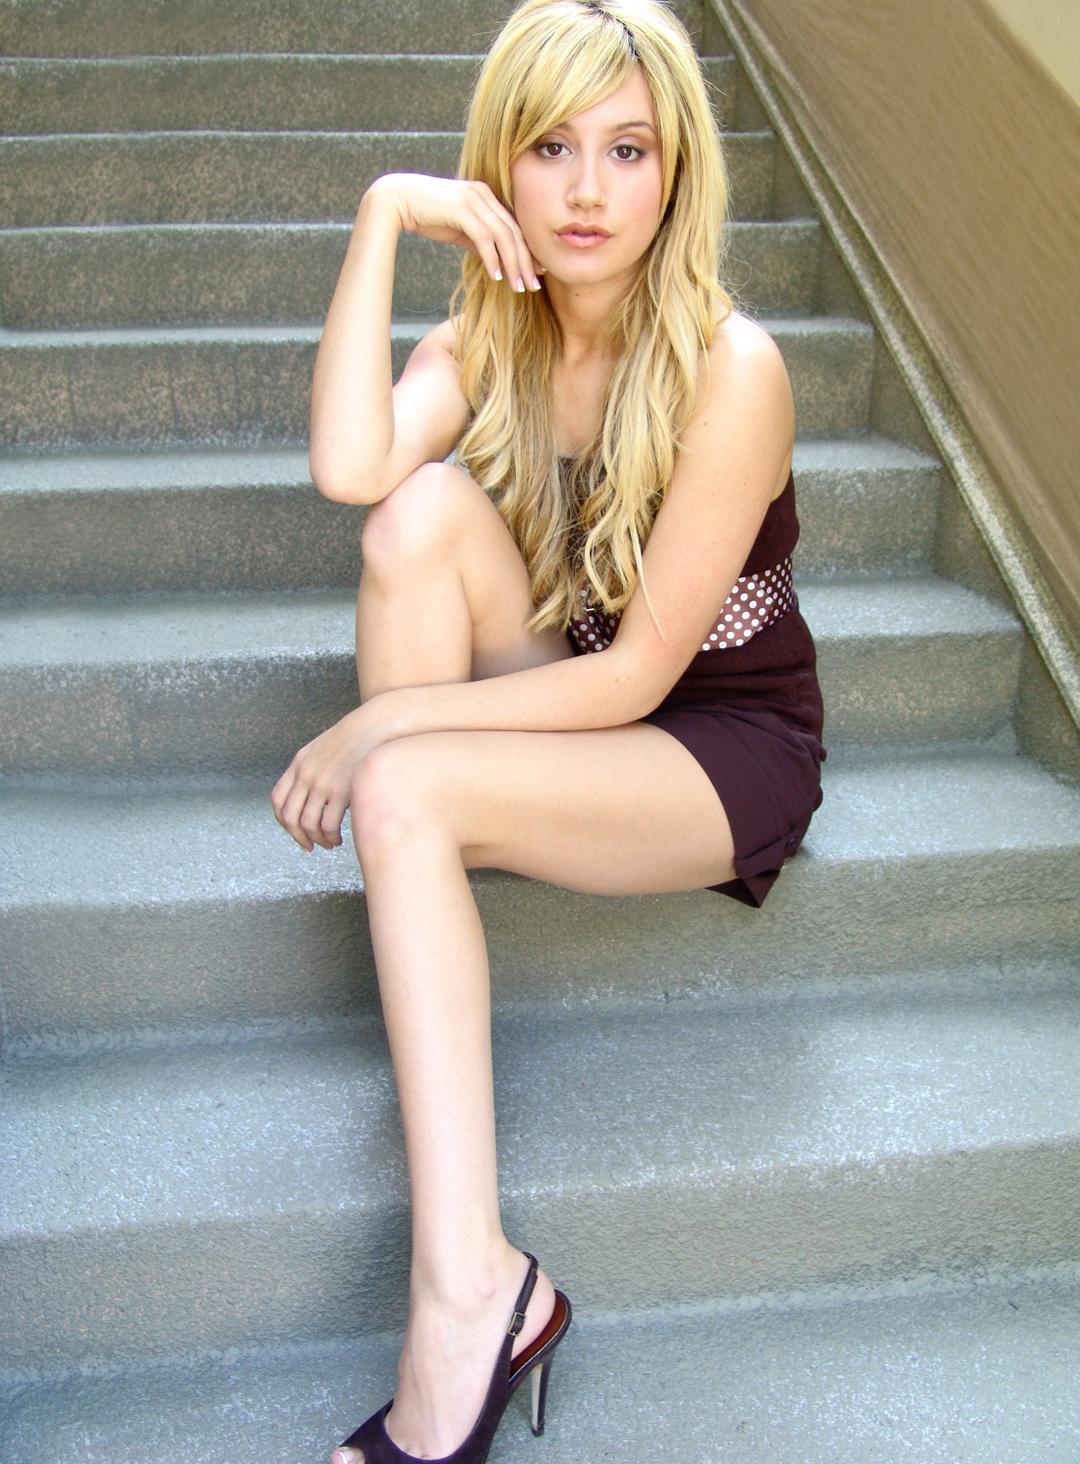 Model - AshleyTisdale